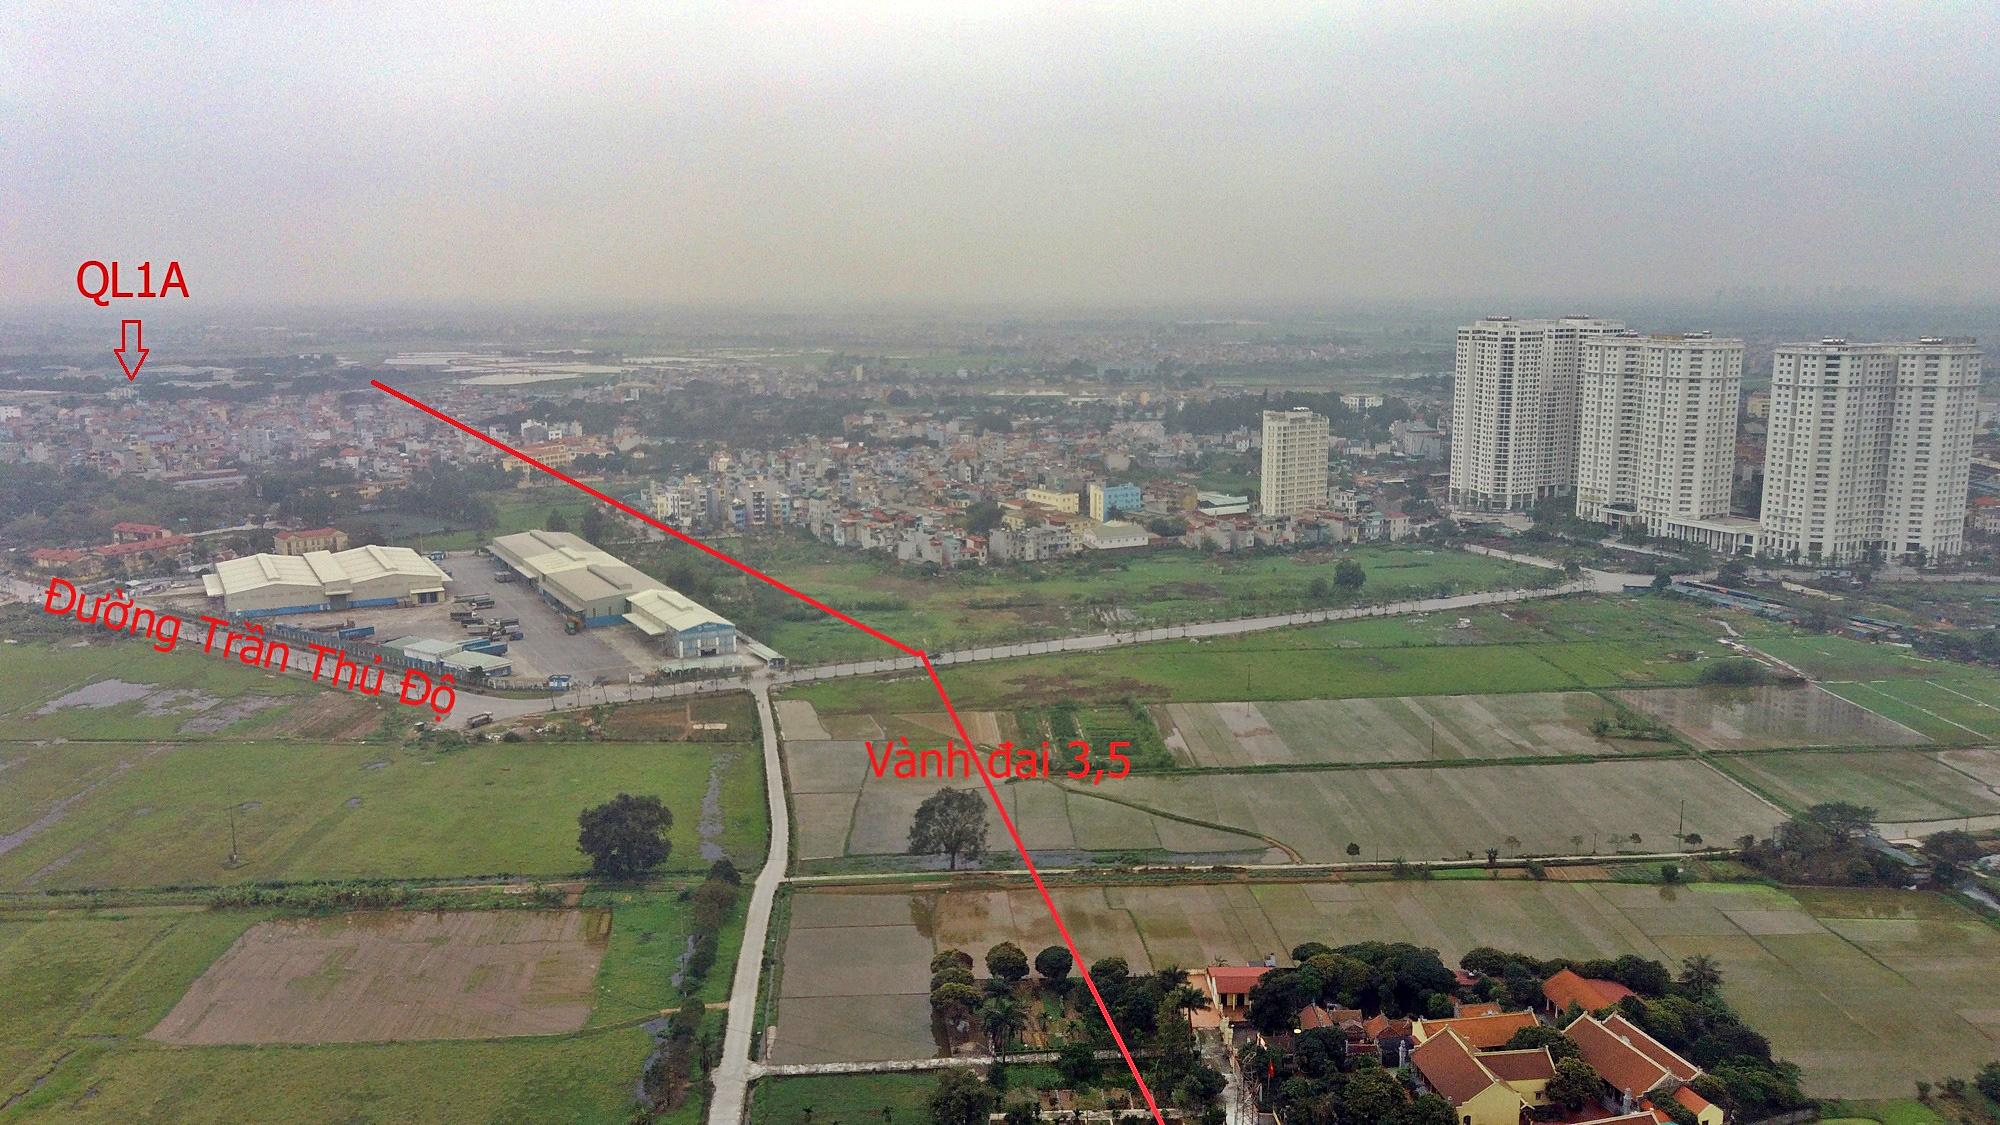 Cầu sẽ mở theo qui hoạch ở Hà Nội: Toàn cảnh cầu Ngọc Hồi nối Hà Nội với Hưng Yên - Ảnh 7.